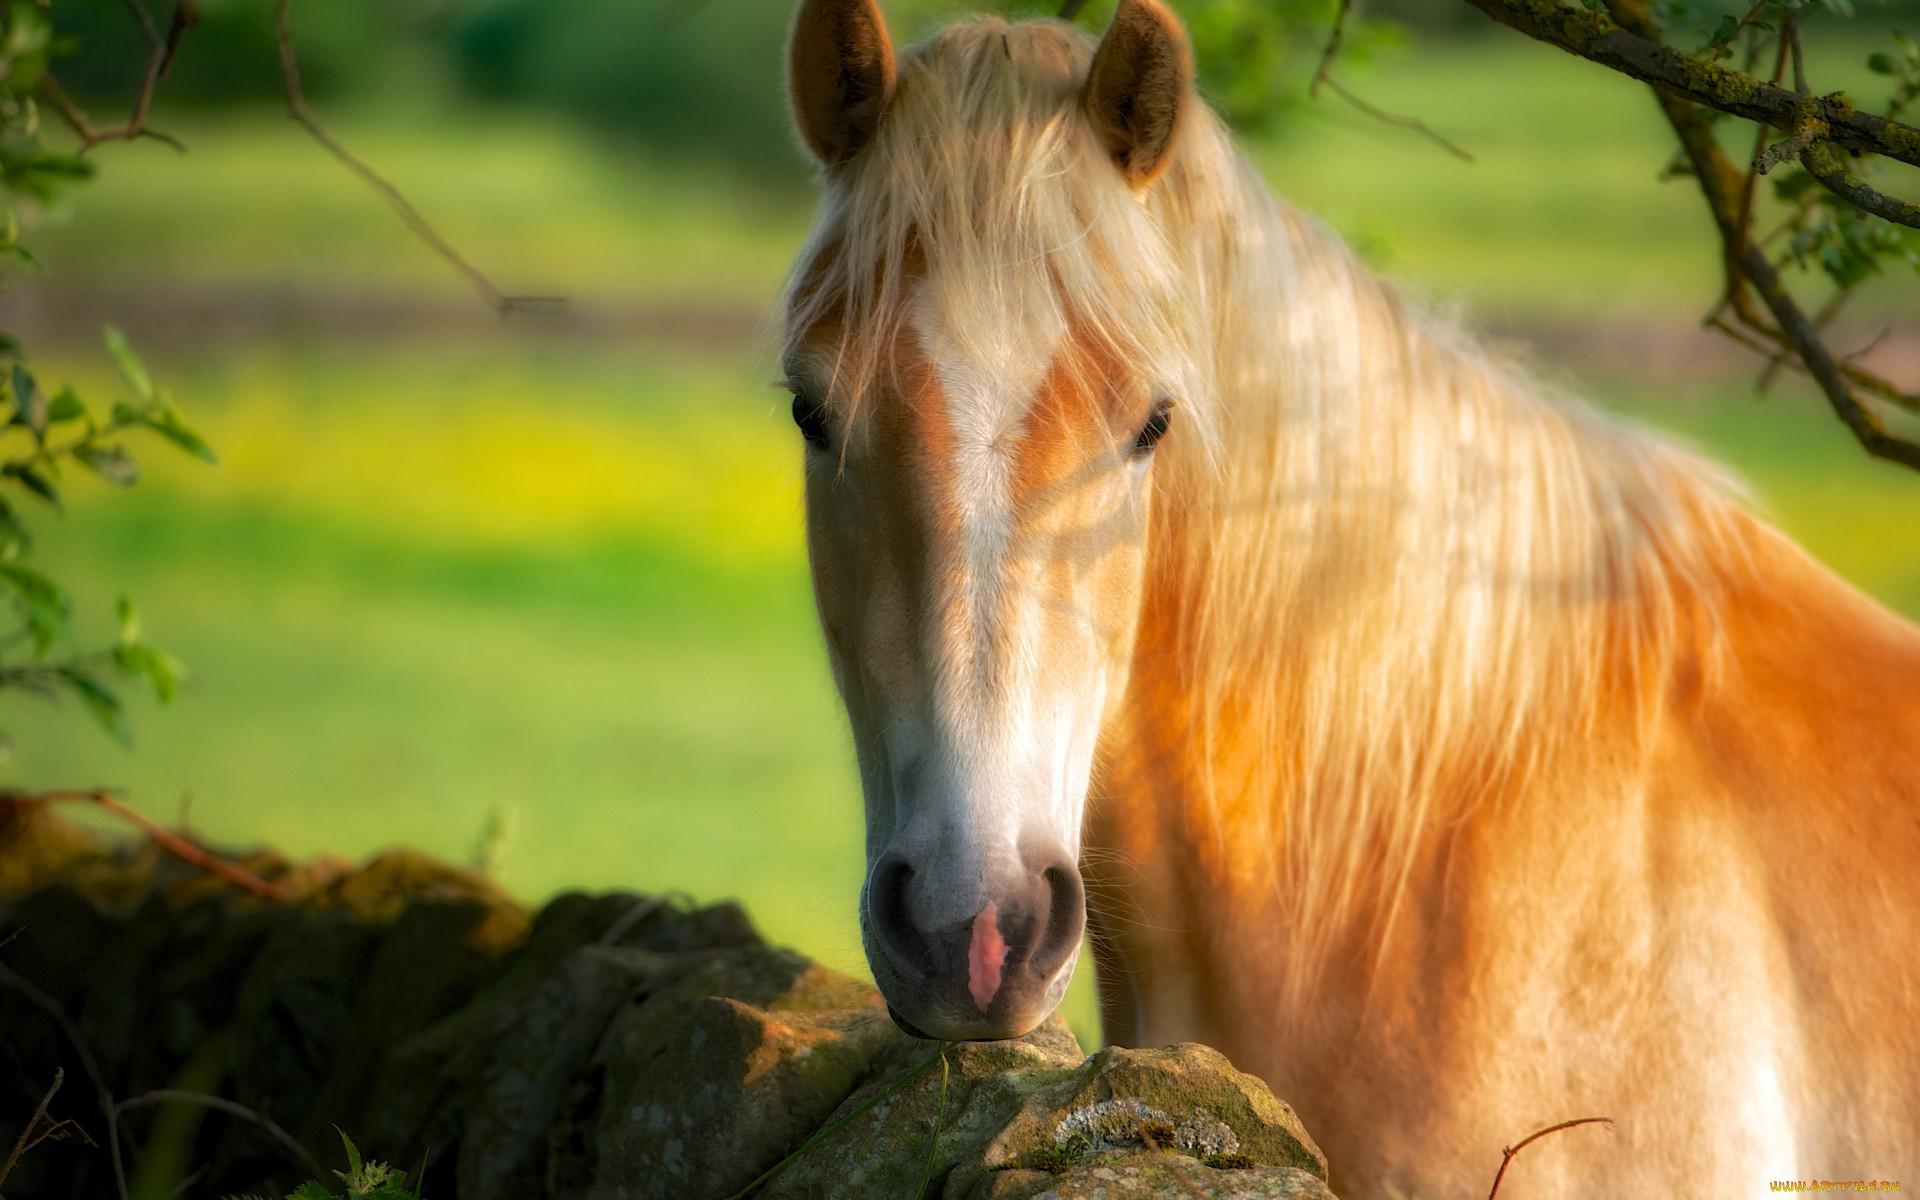 Fondos De Pantalla Carreras Proibidas: Caballos Fondos De Pantalla, Horses Wallpapers Hd